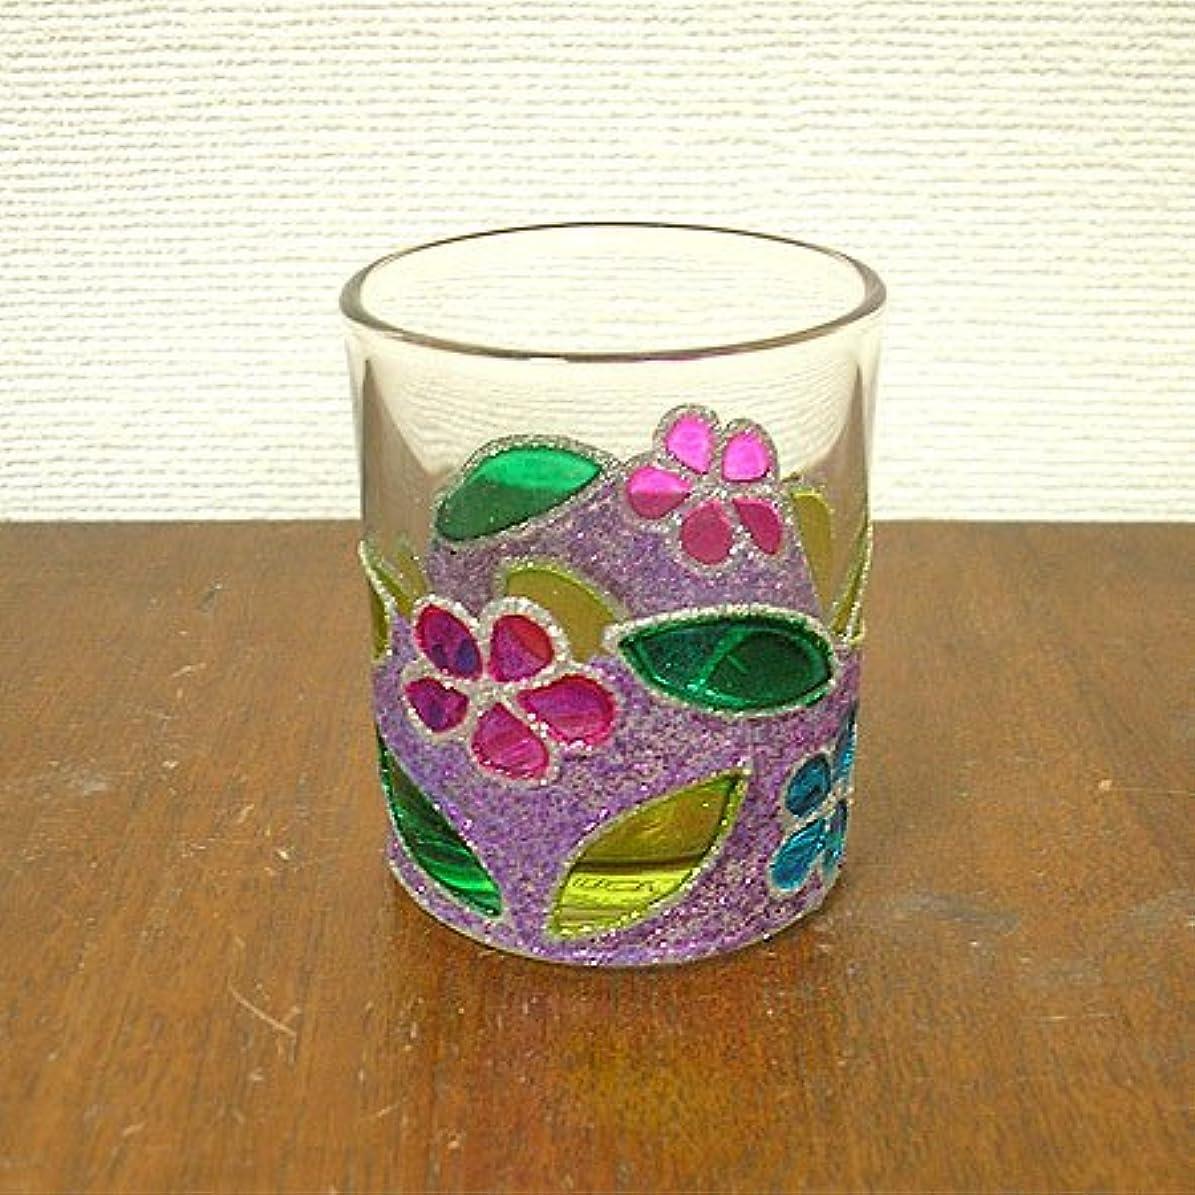 尊敬する強度そうでなければアジアン キャンドルホルダー カップ グラス 花柄 パープル アジアン雑貨